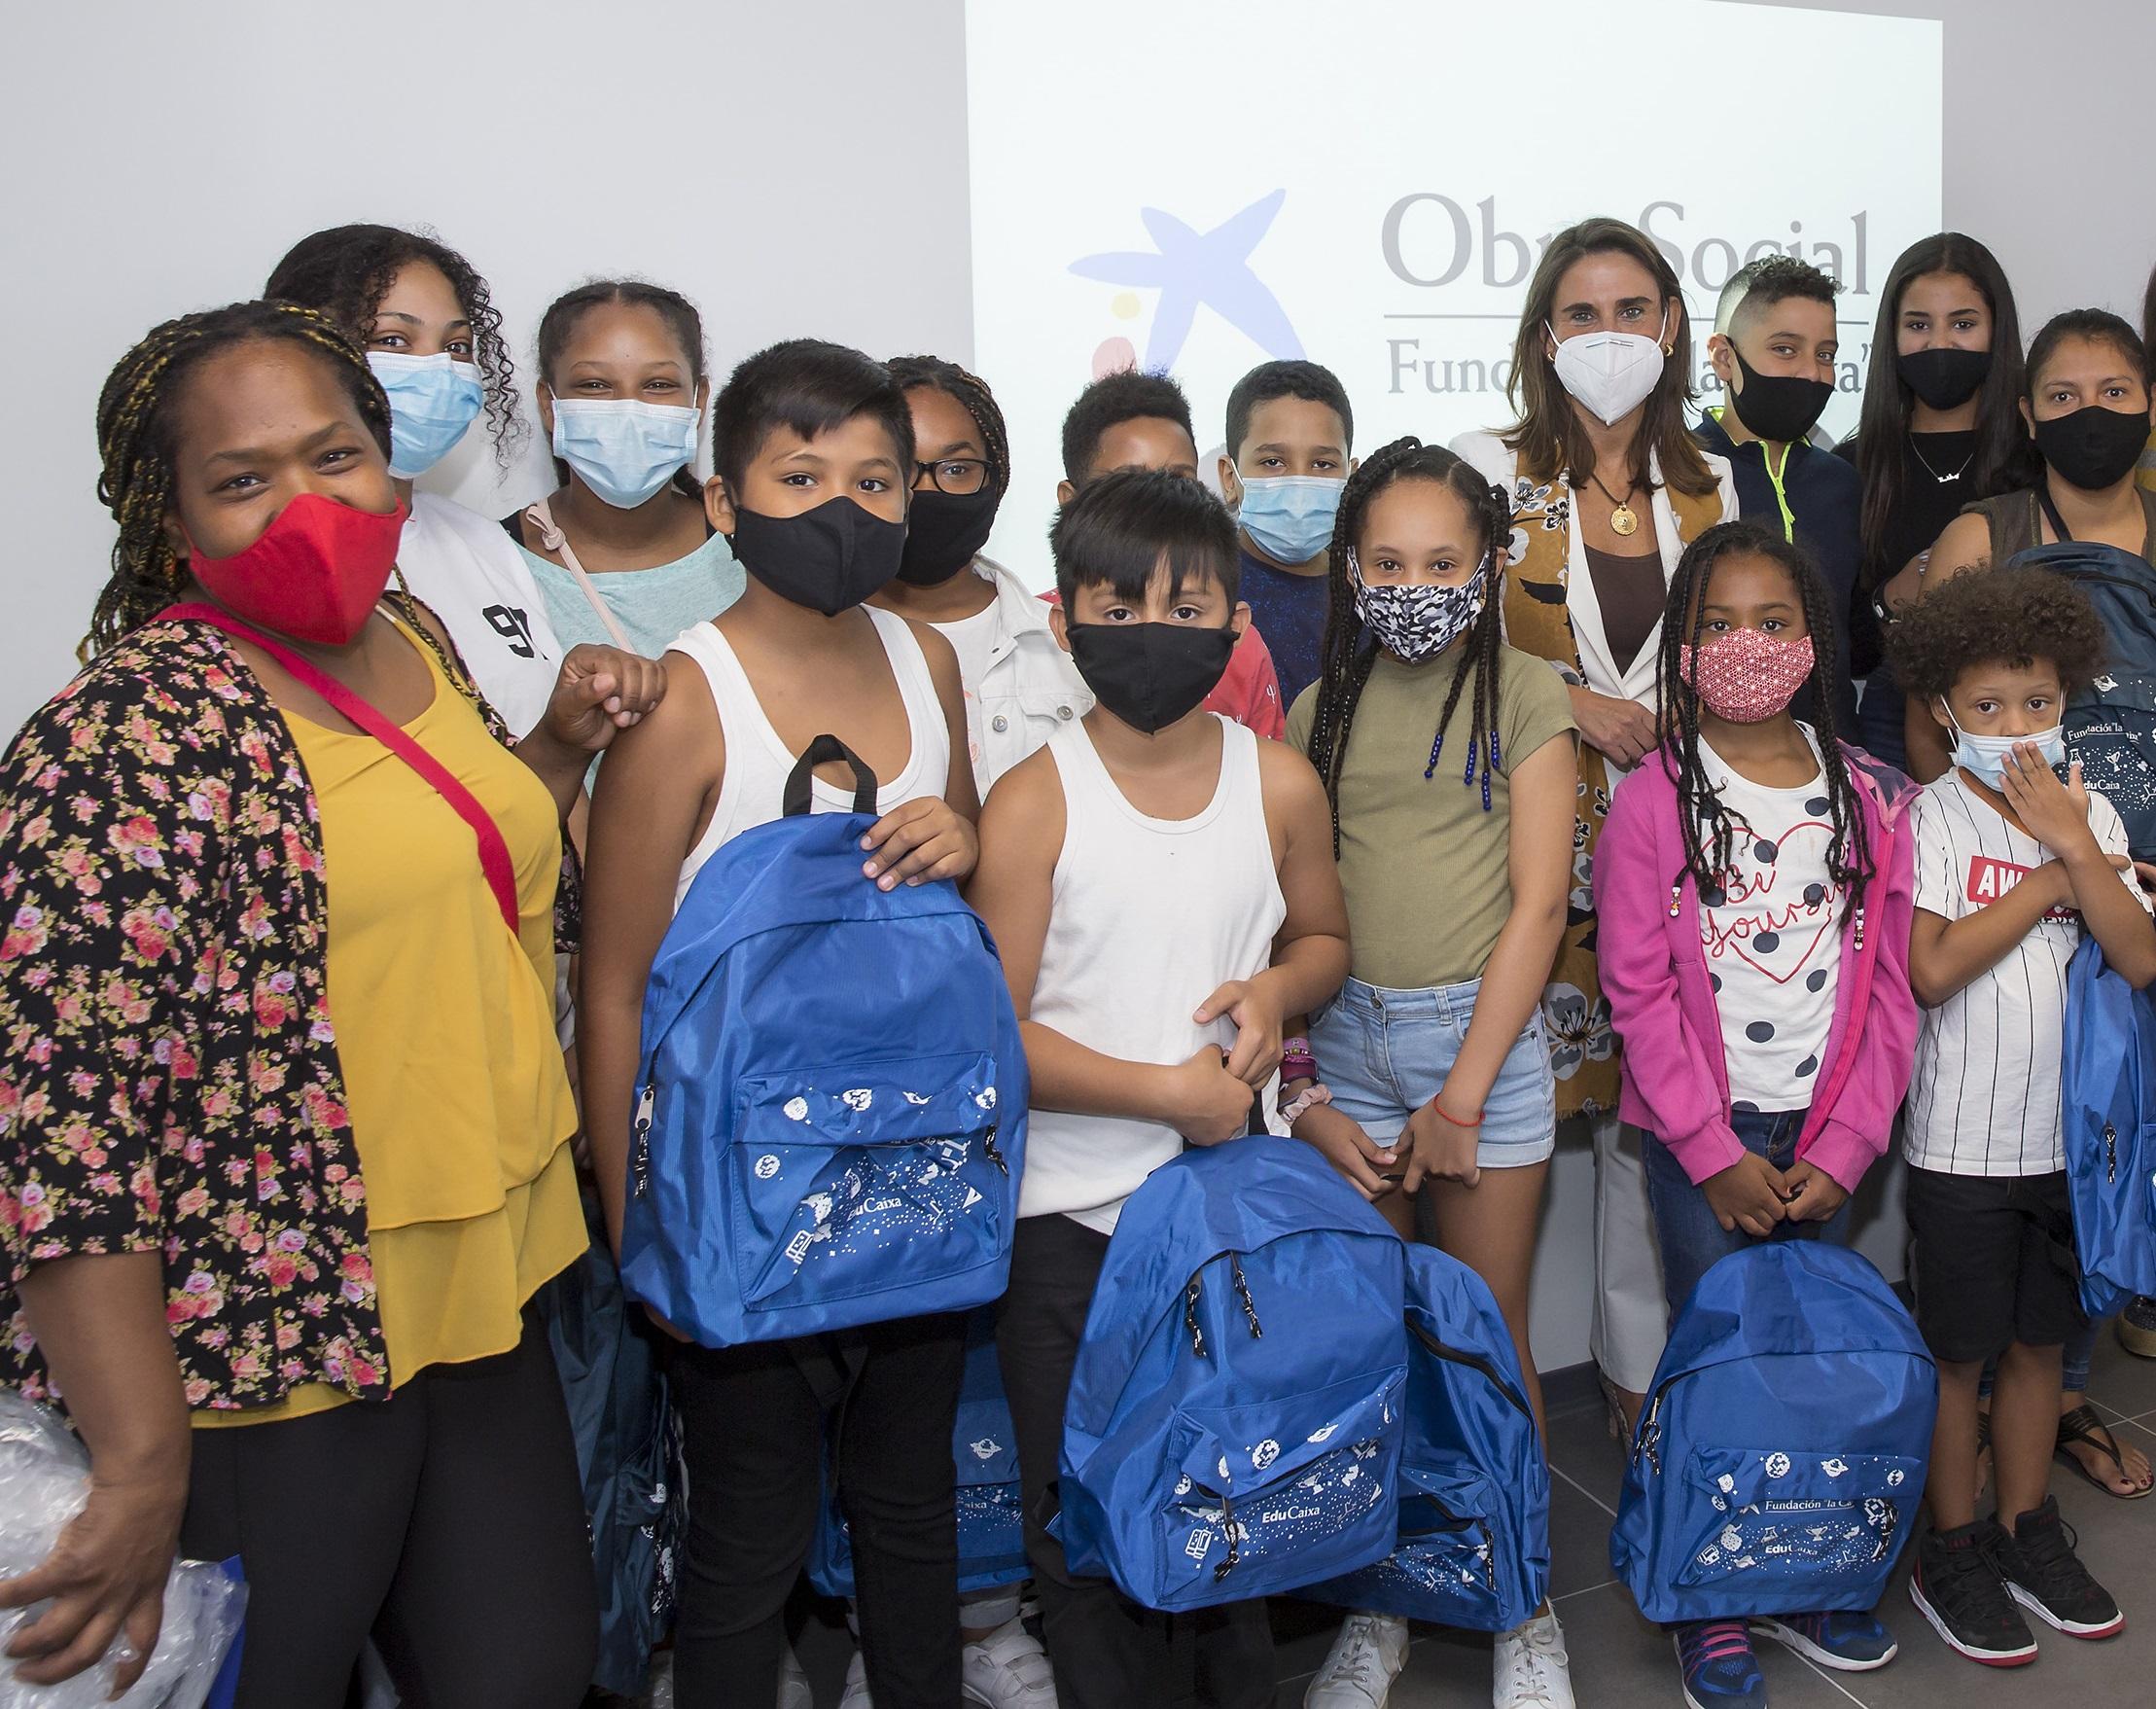 """Con el inicio del curso, Fundación """"la Caixa"""" y CaixaBank entregan más de 125.000 kits escolares para los menores que viven en hogares vulnerables. Foto Jesús Garzaron / Fundación """"la Caixa"""""""